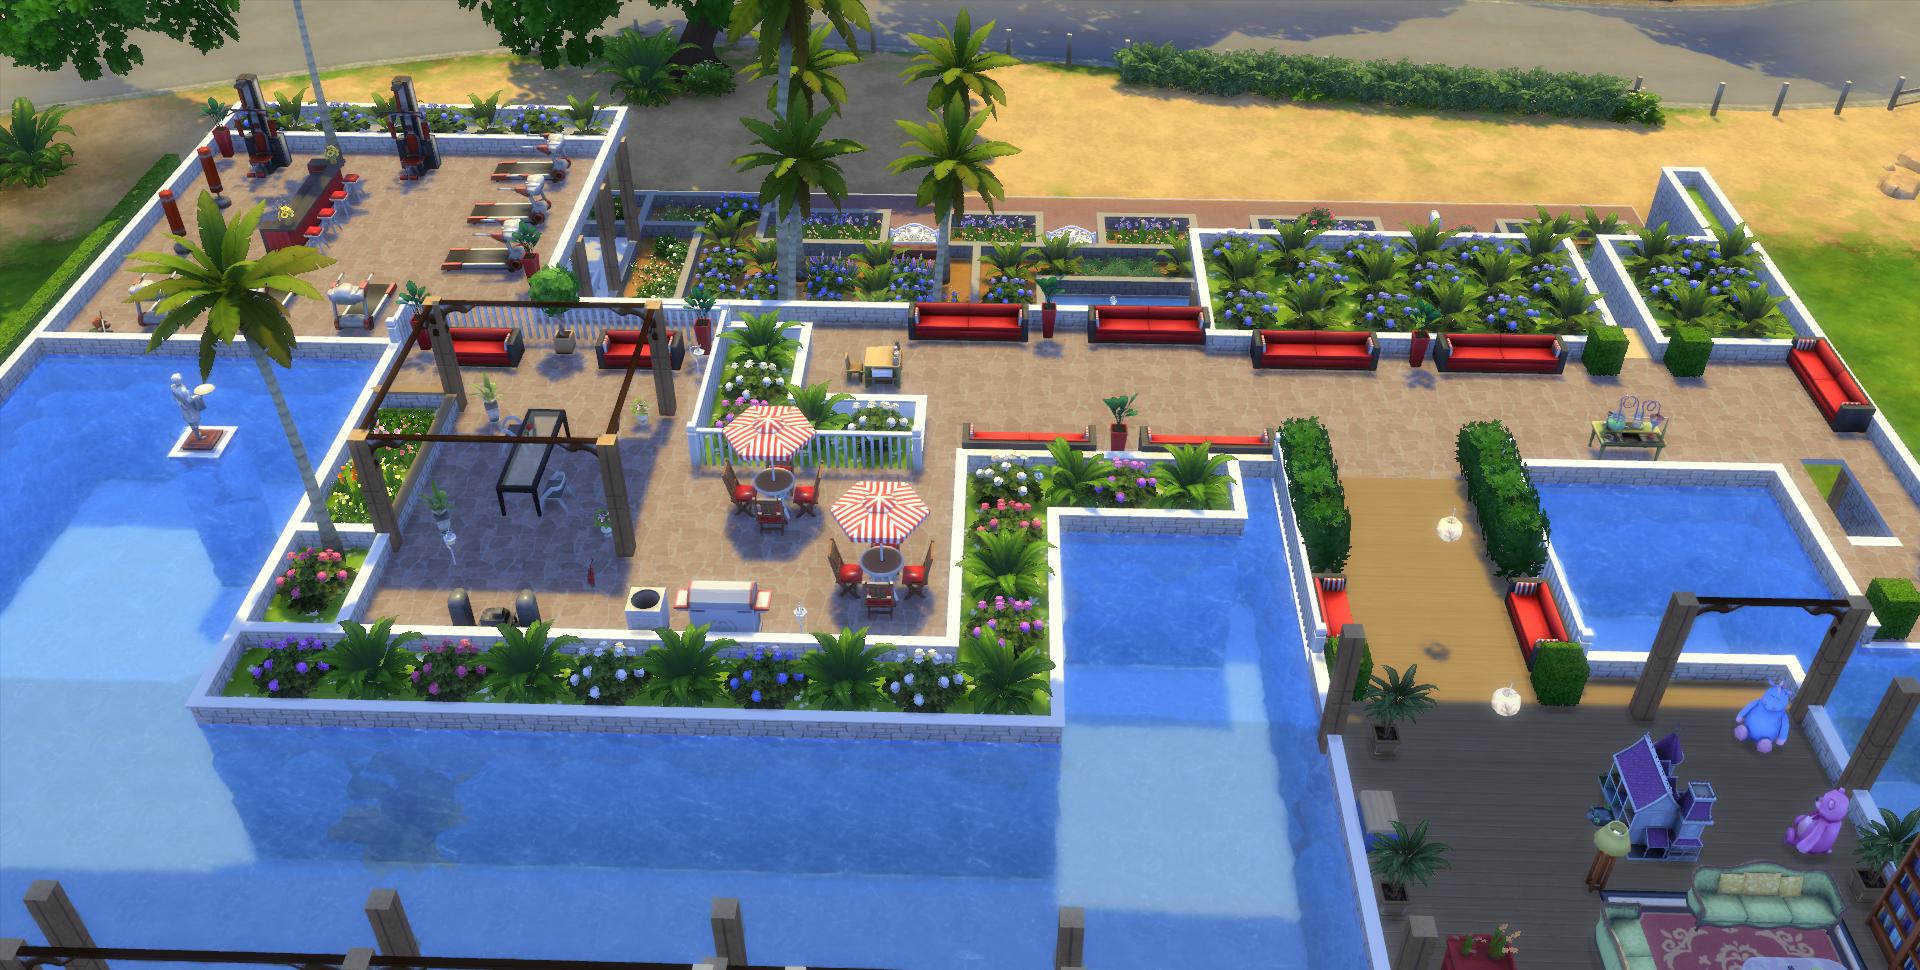 Interieur maison sims 4 maison moderne for Exterieur sims 4